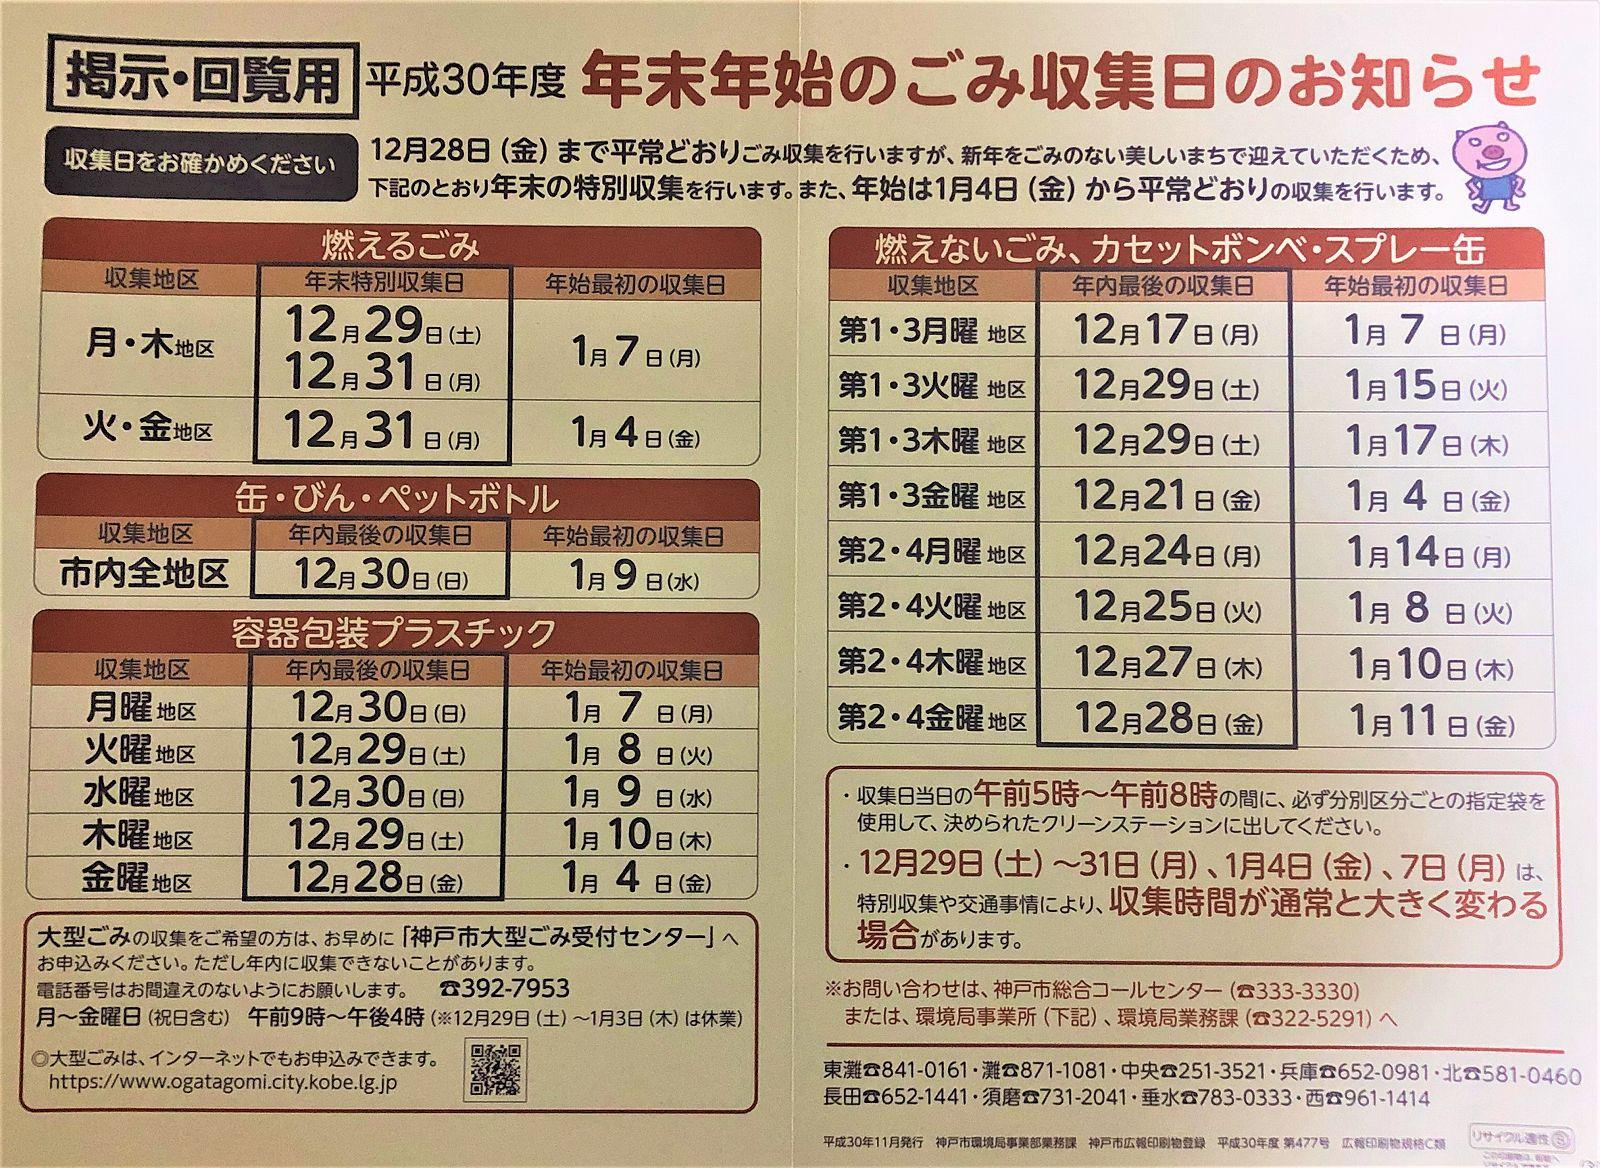 粗大 ごみ 市 神戸 神戸市 ソファー処分方法